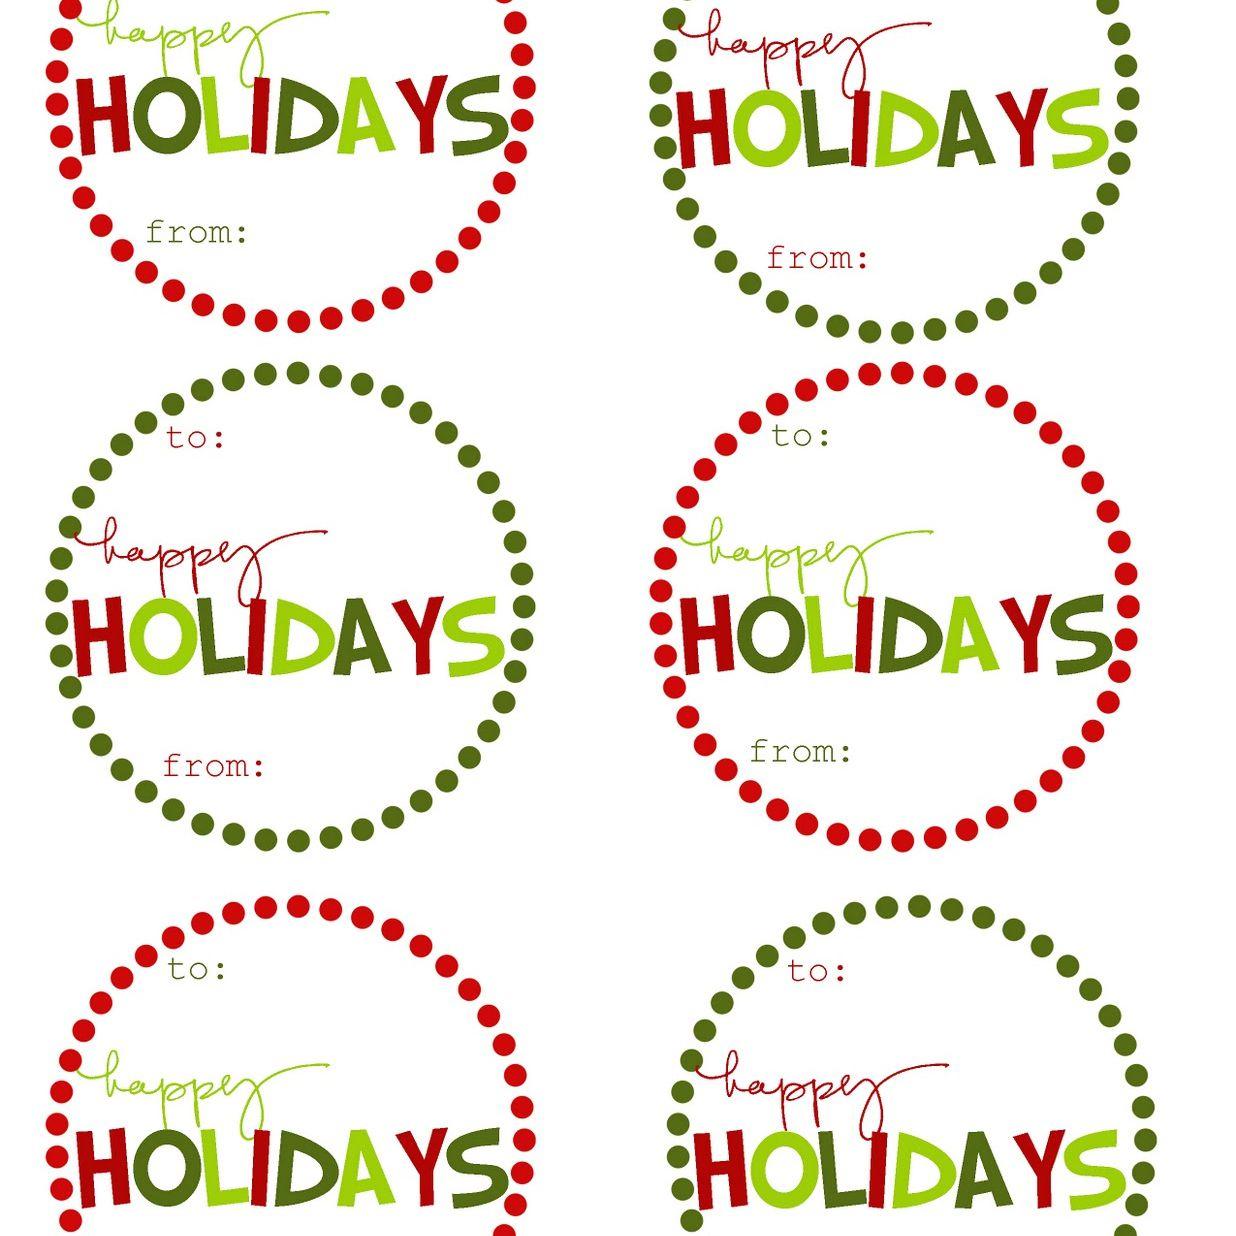 40 Sets Of Free Printable Christmas Gift Tags - Free Printable Christmas Tags